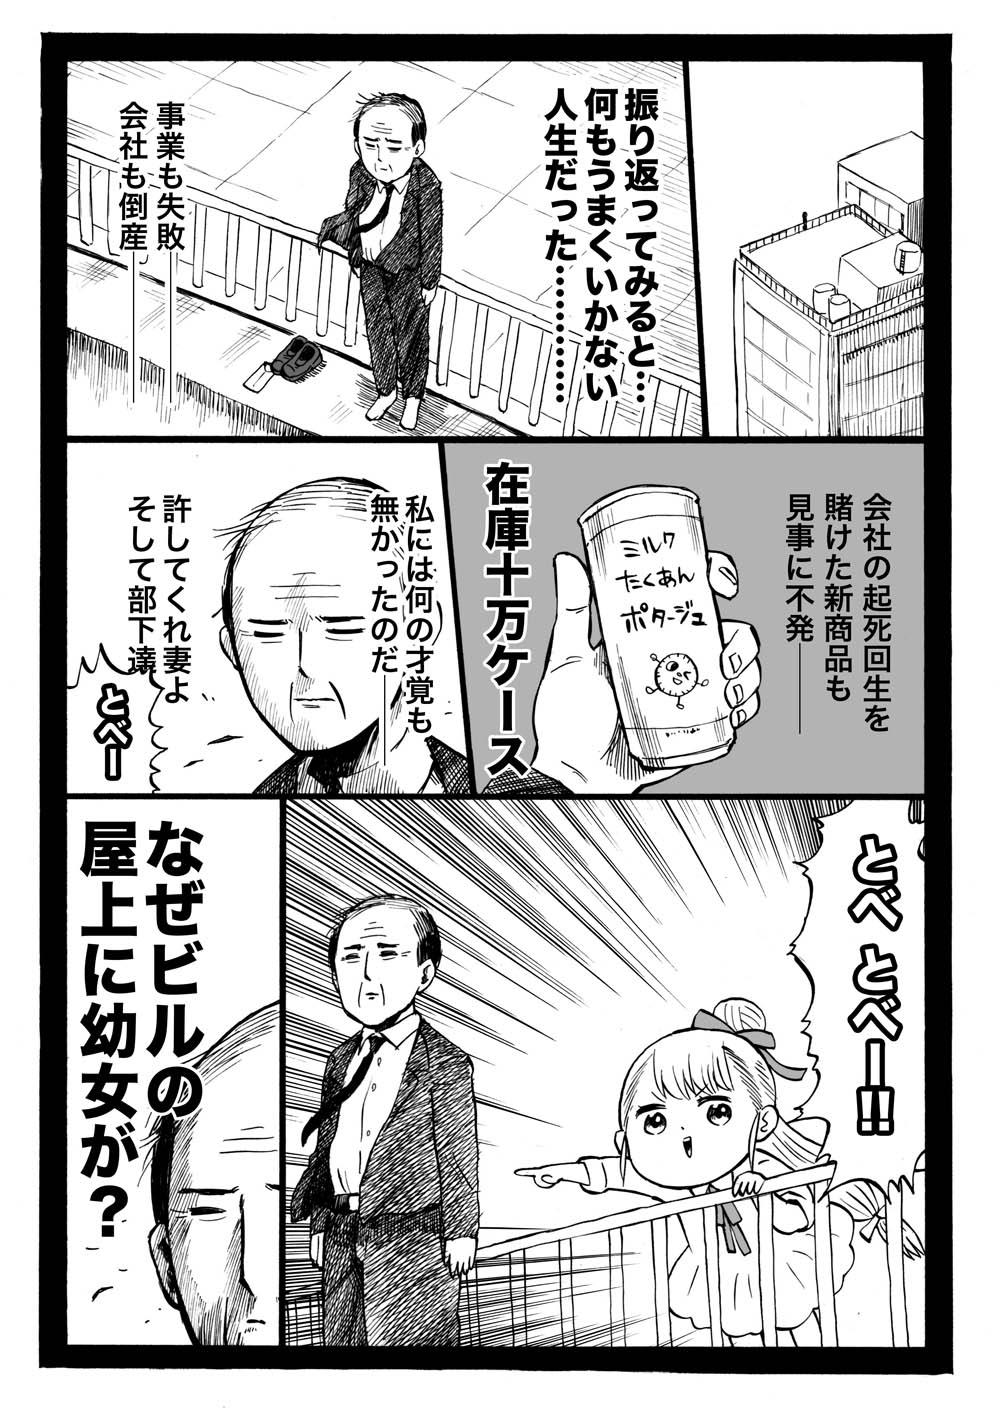 幼女社長(とうさん(単行本収録))